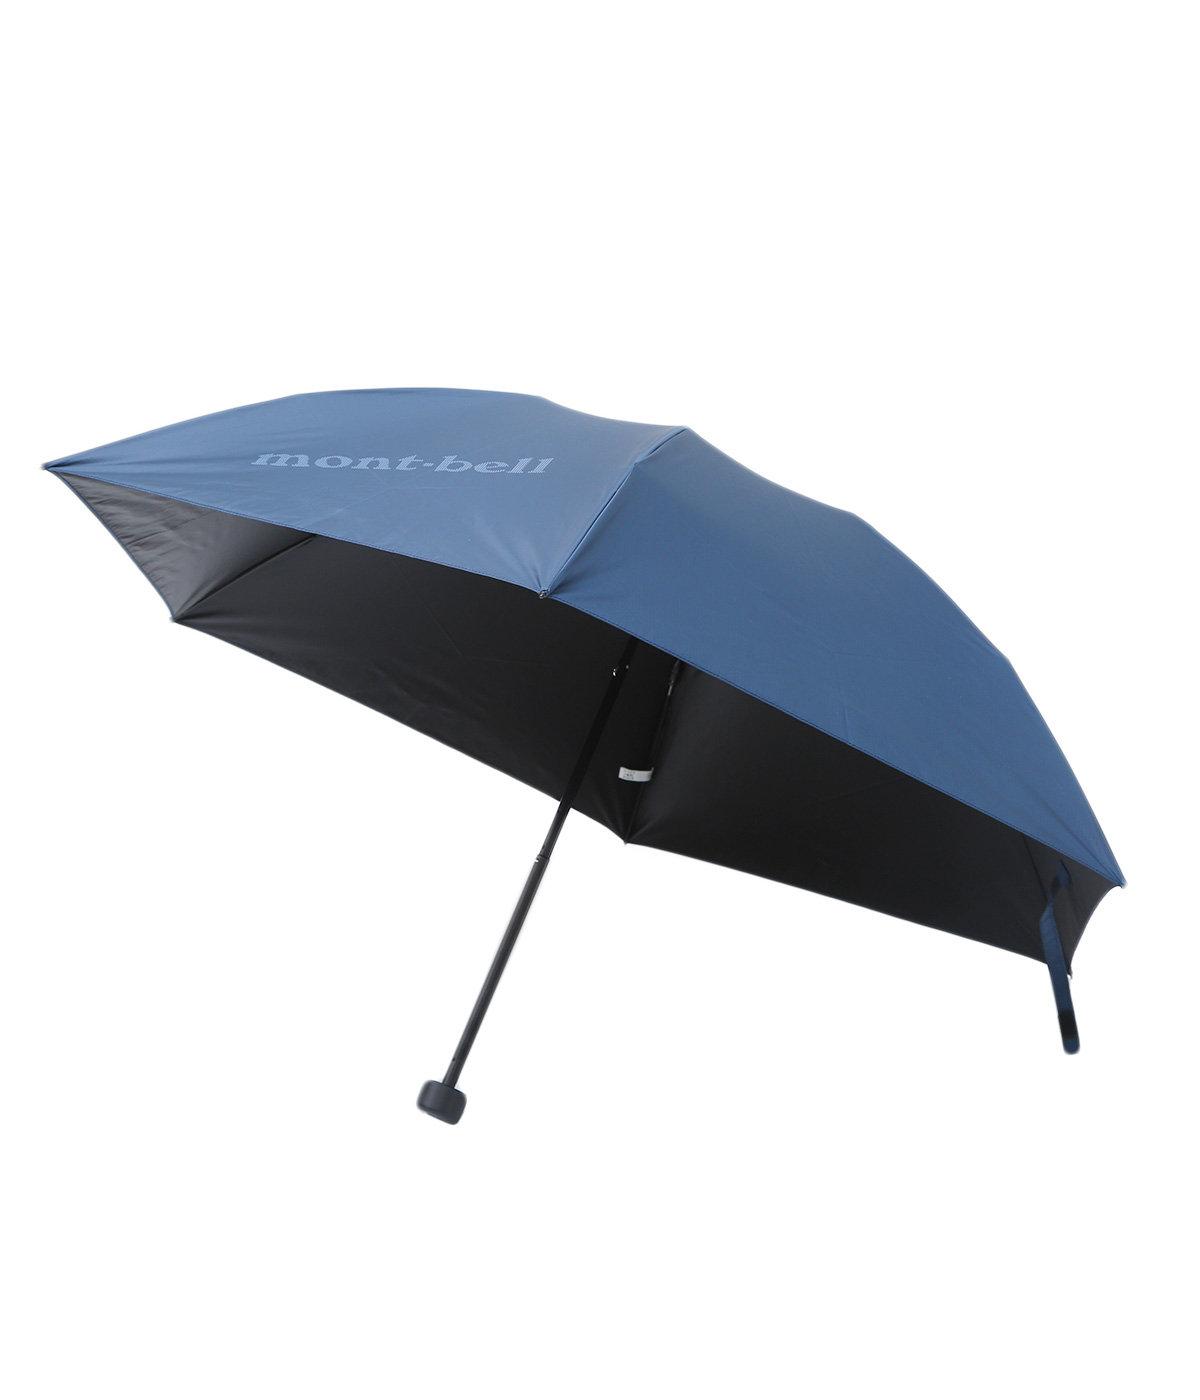 トラベル サンブロックアンブレラ / 折りたたみ傘